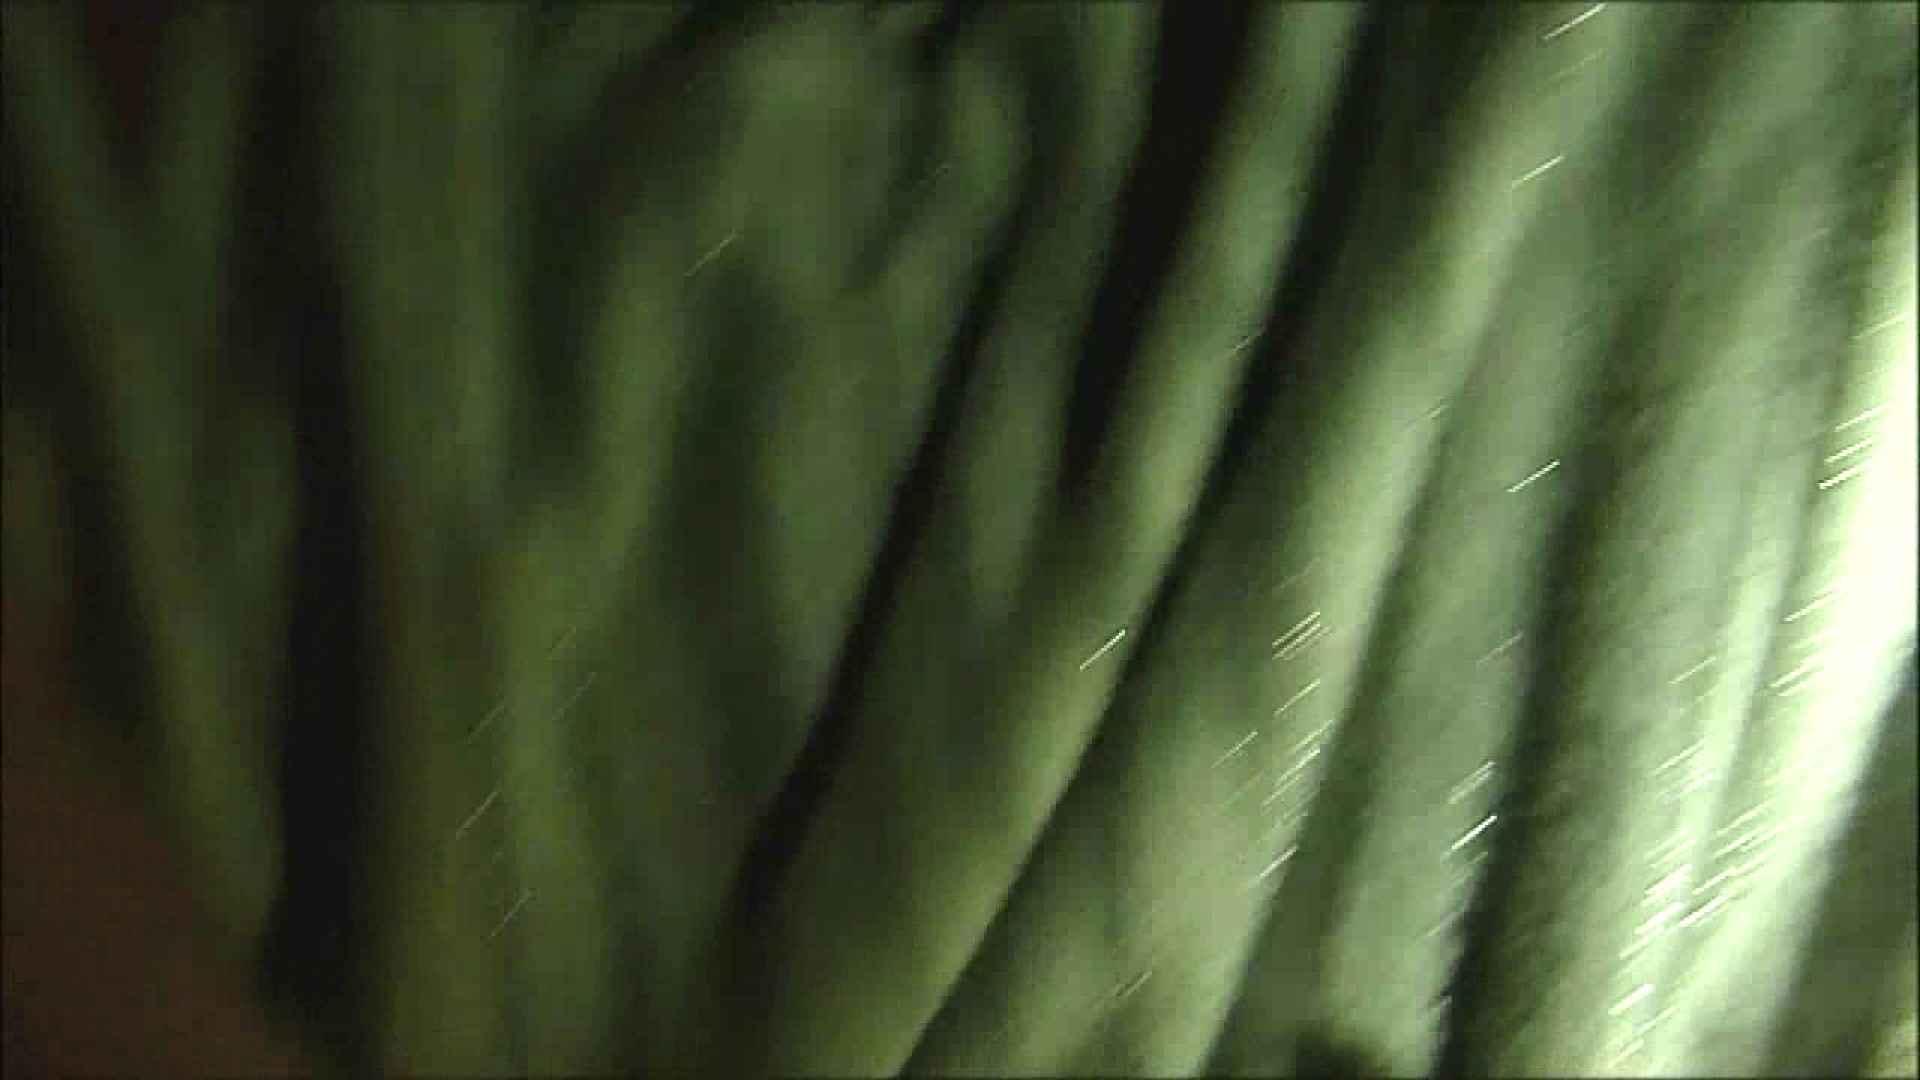 魔術師の お・も・て・な・し vol.01 20歳販売系 悪戯 オマンコ動画キャプチャ 61画像 56